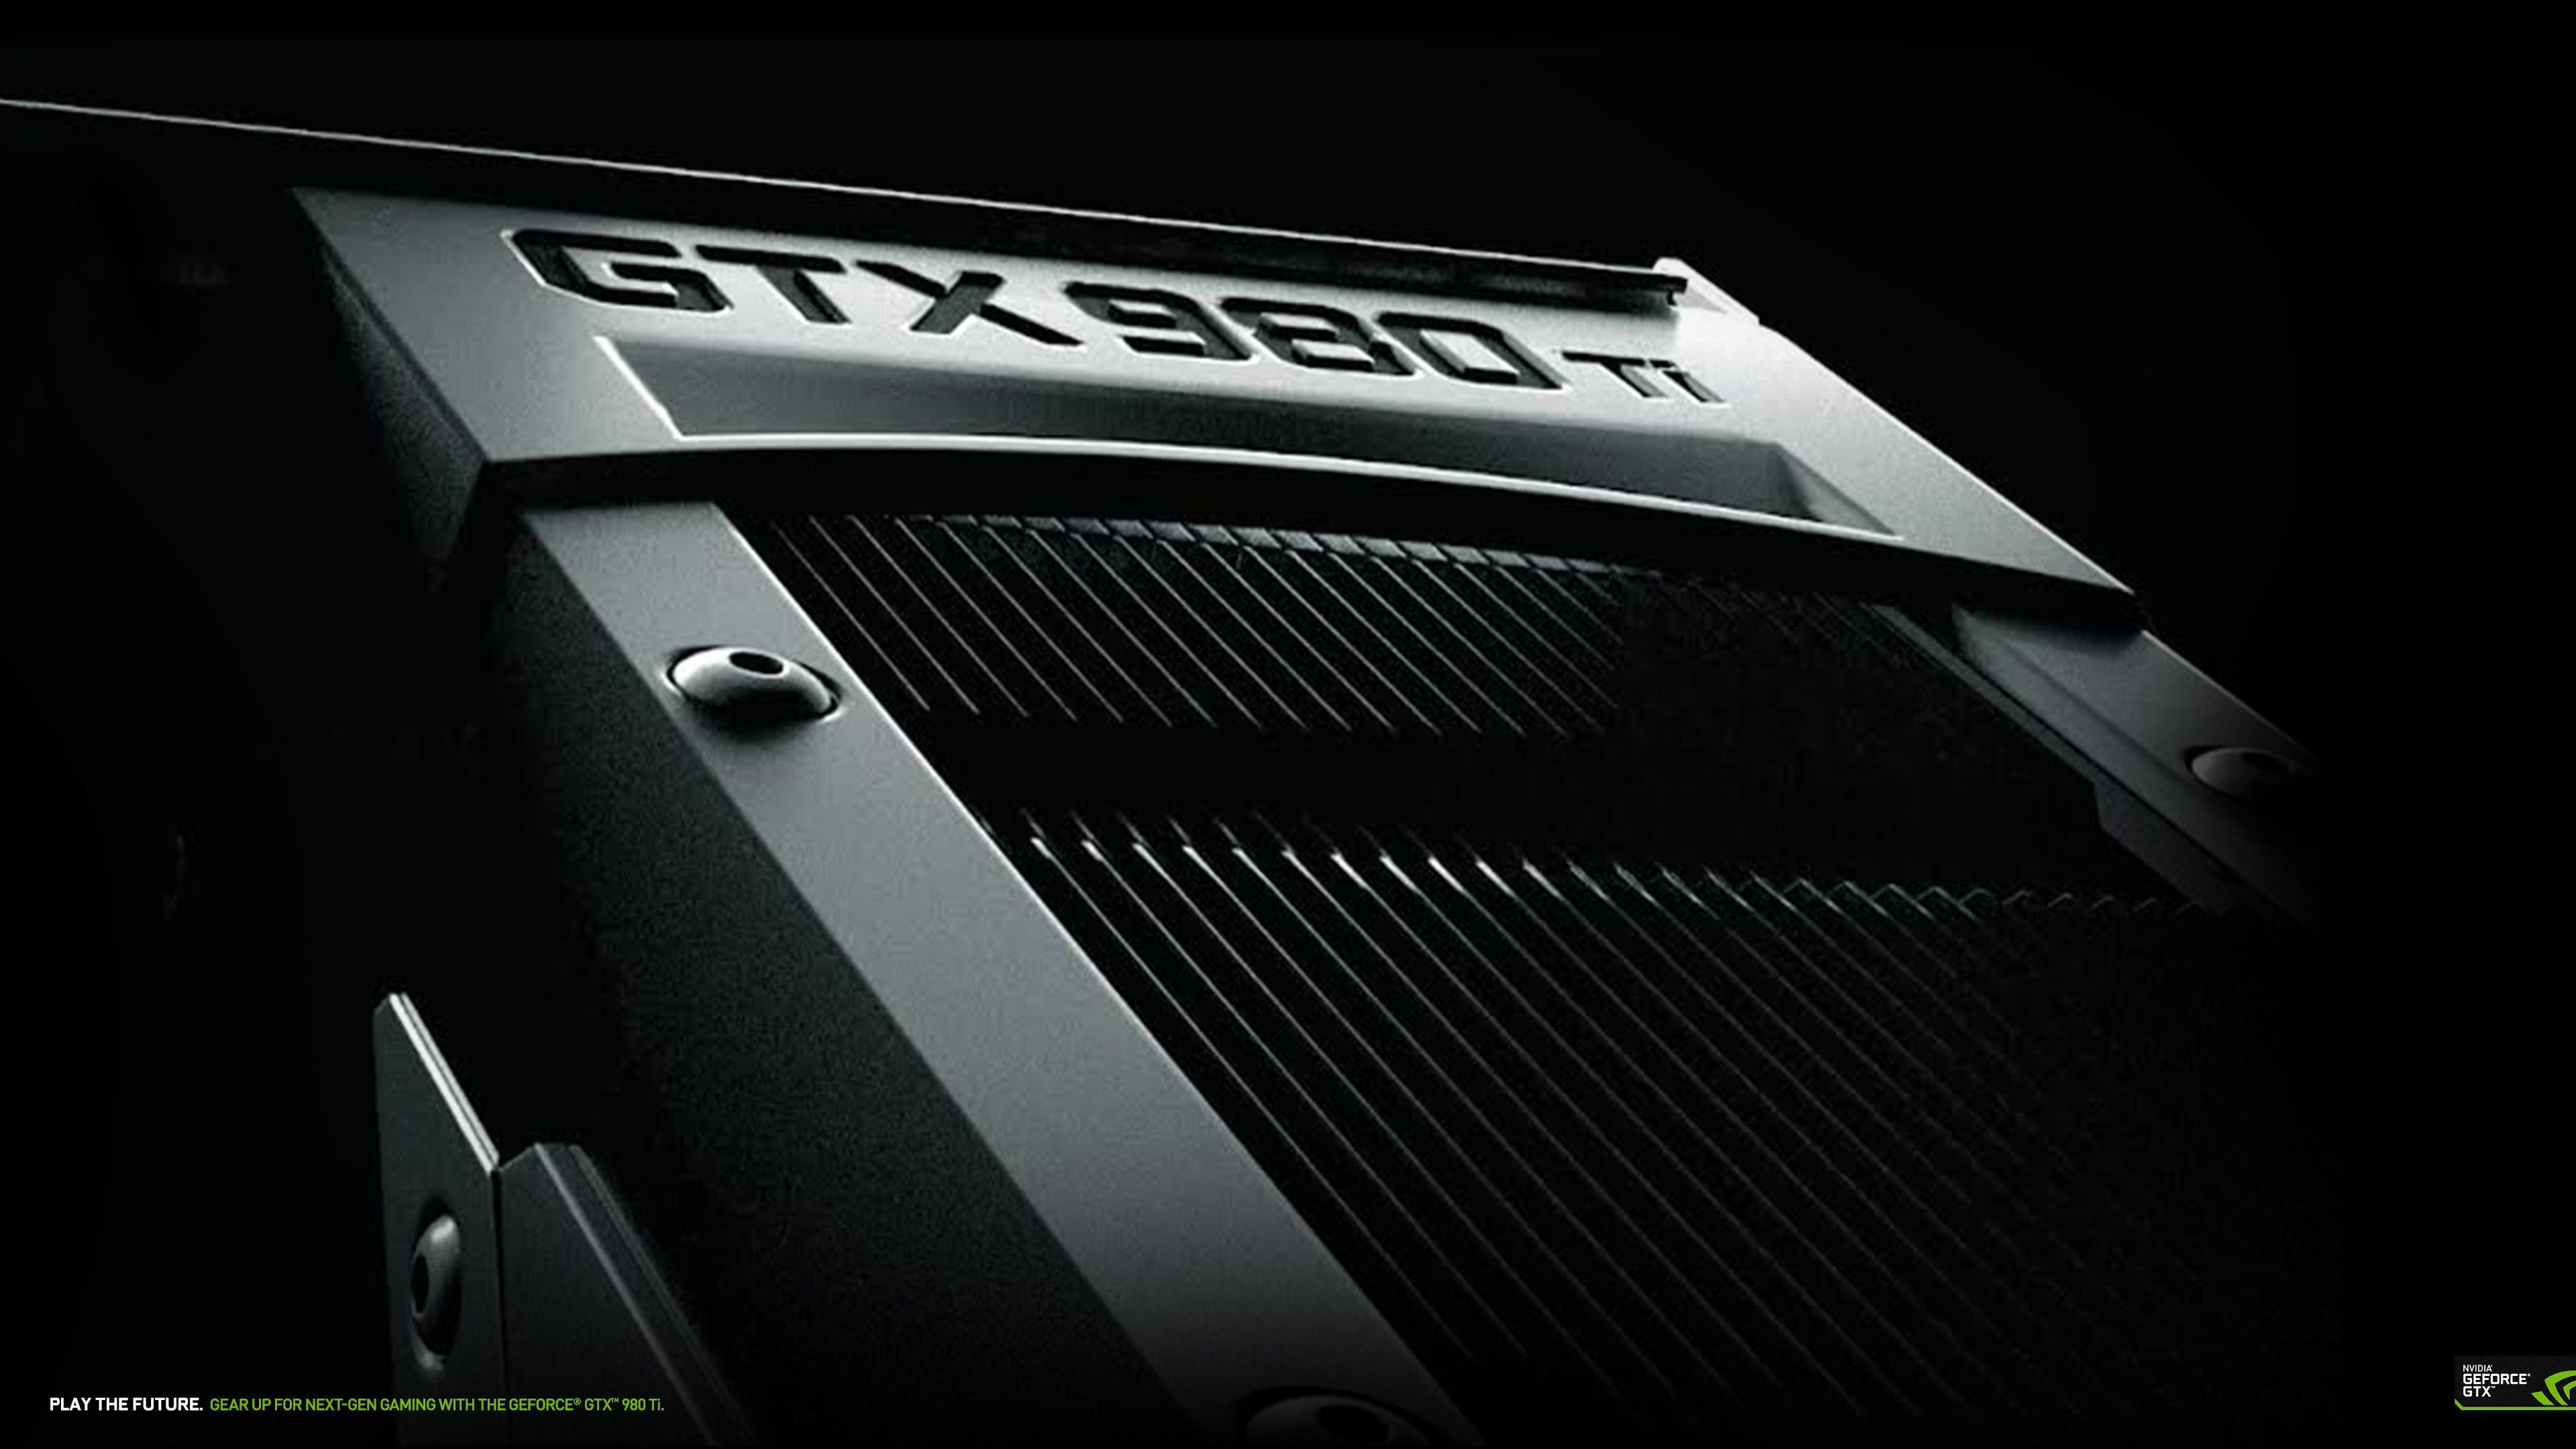 下載 GeForce GTX 960  Game Advanced 桌布  nvidiacomtw